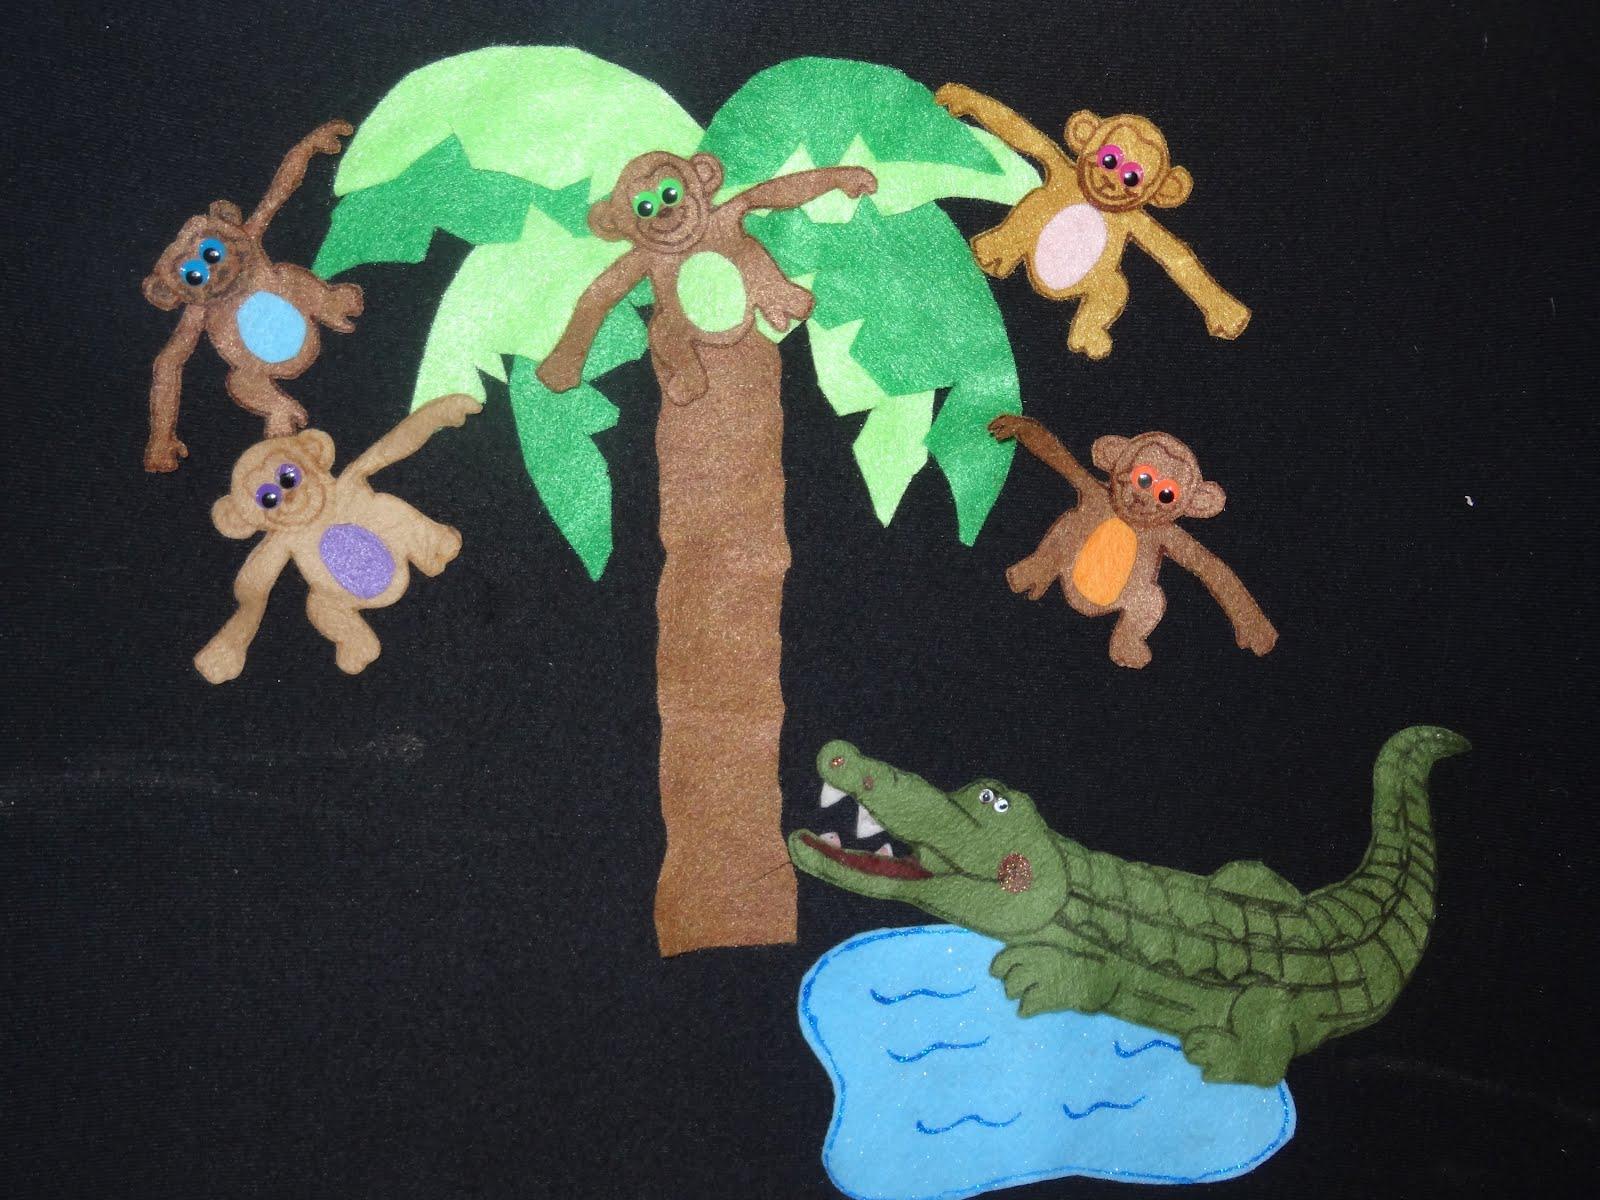 Deema S Felting Fun Five Little Monkeys Swinging On A Tree